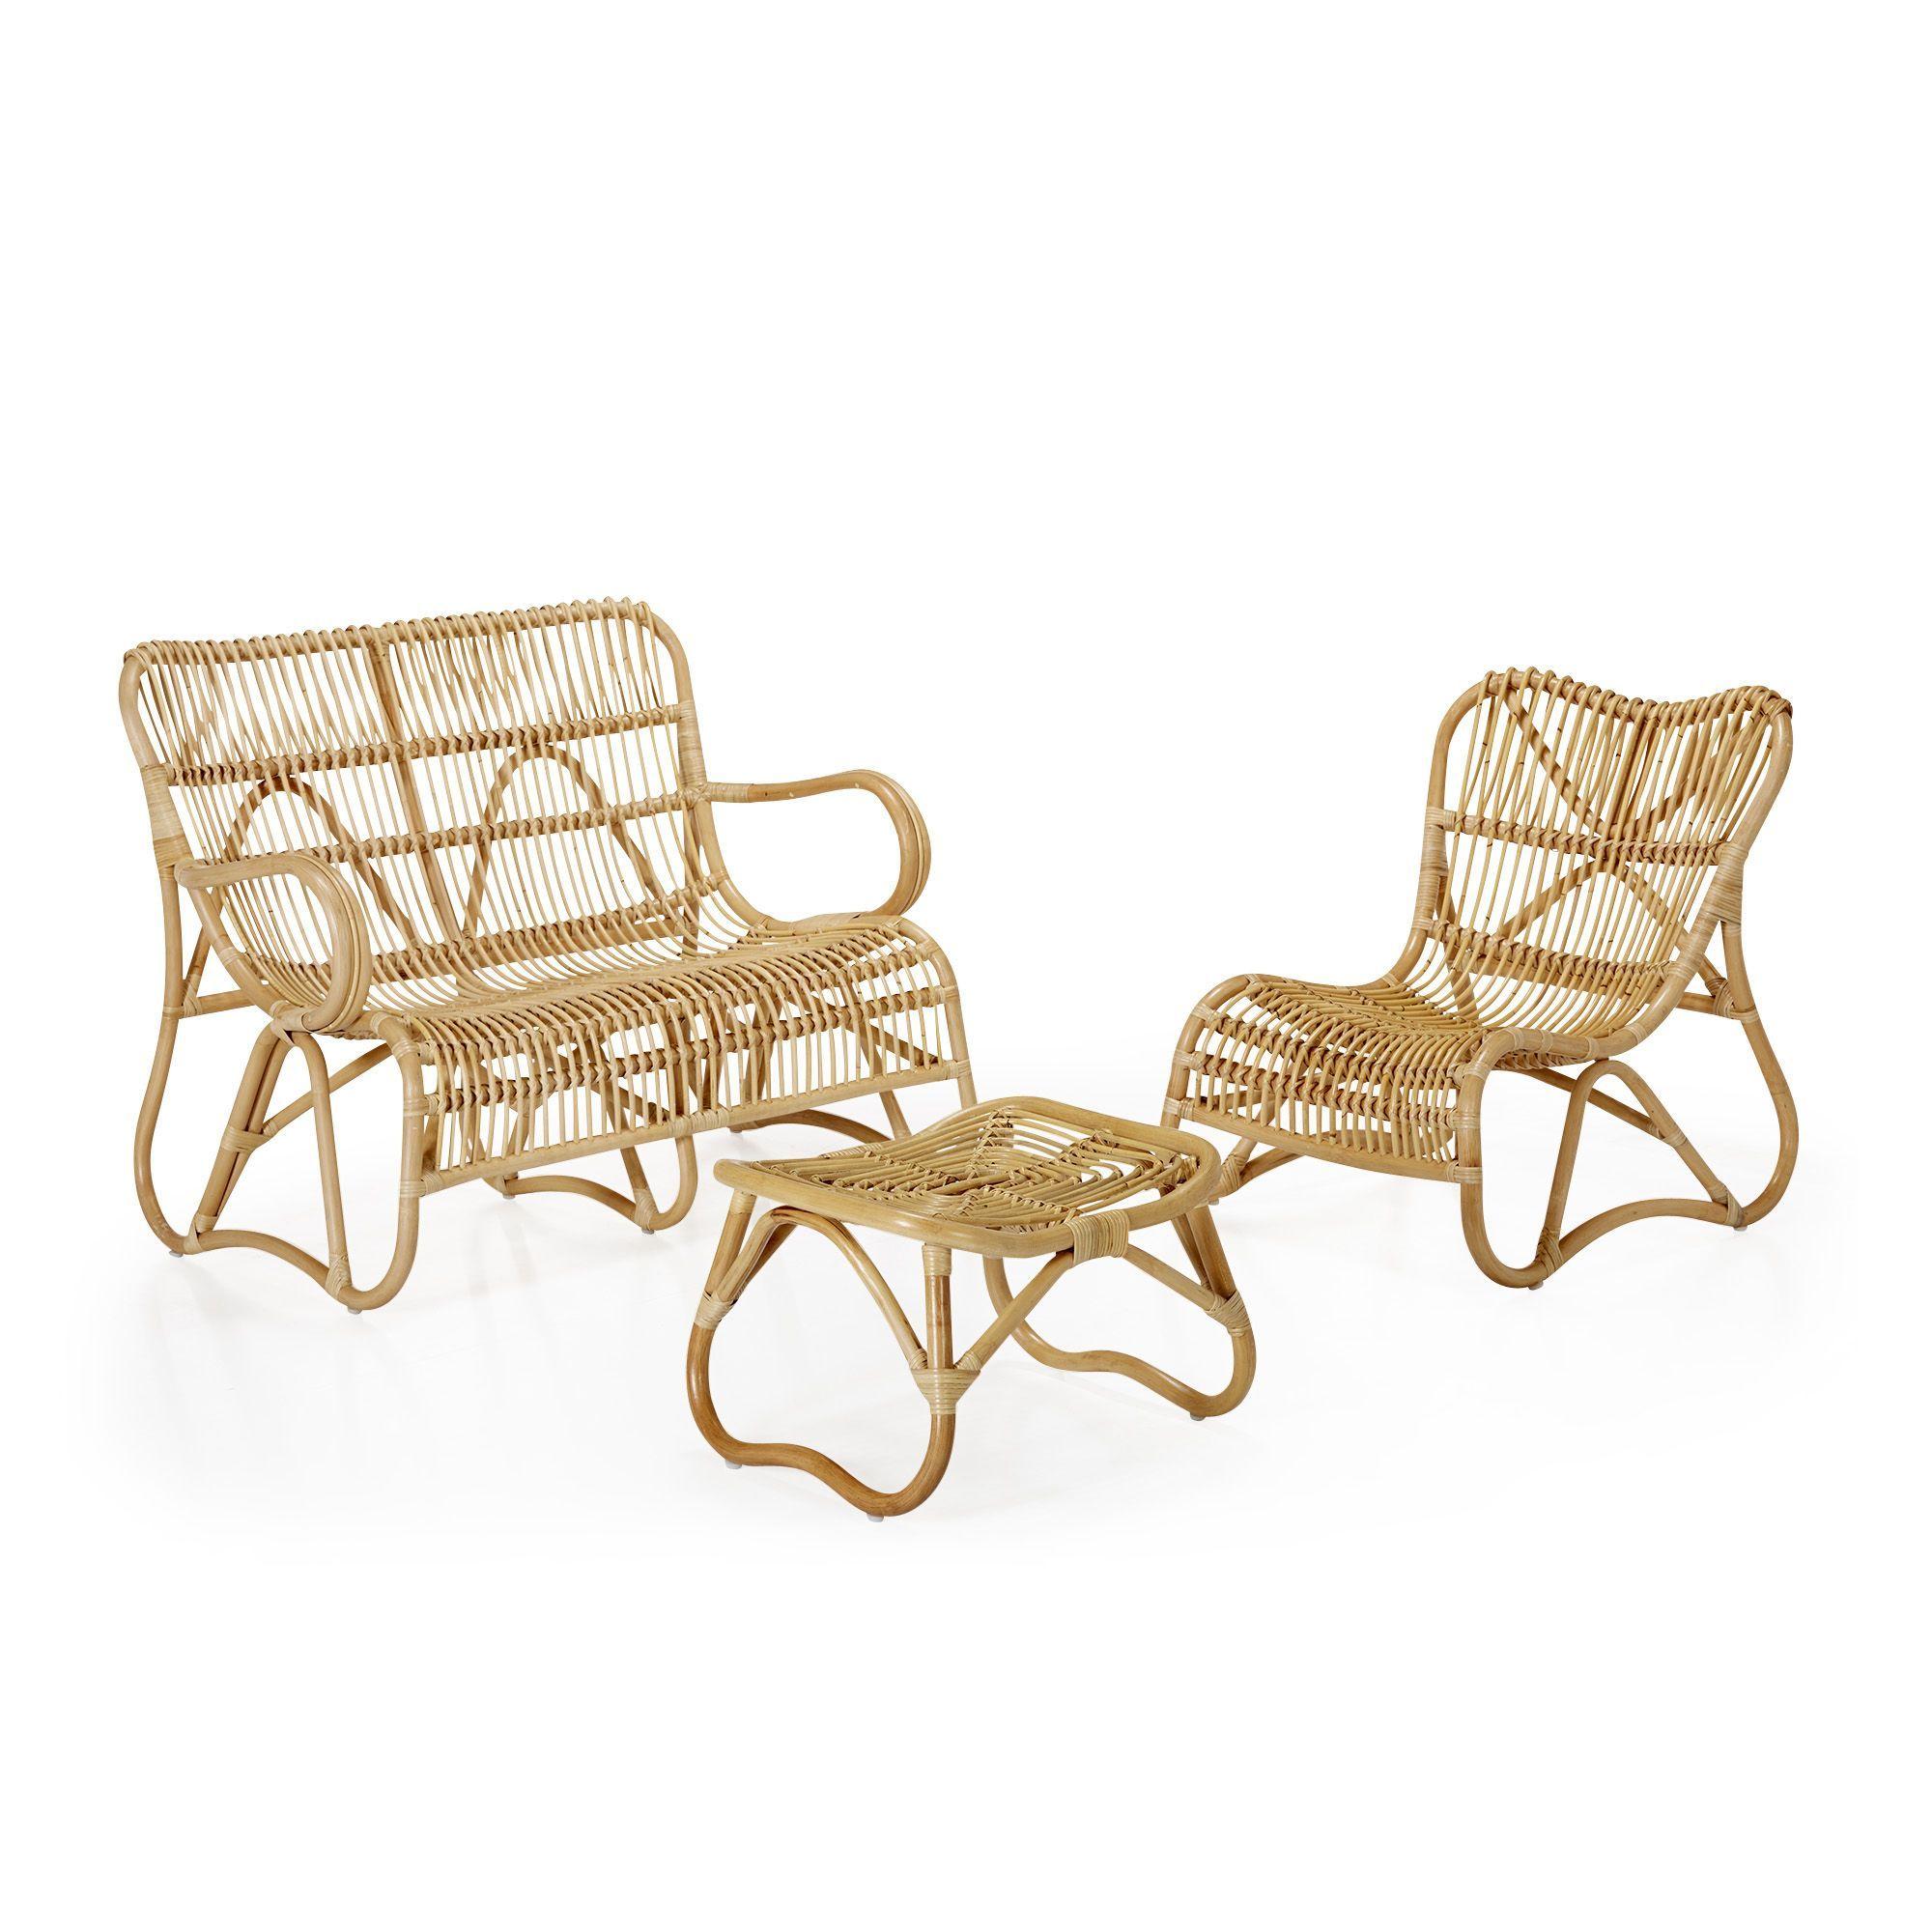 Salon de jardin rétro en rotin style vintage | Outdoor ...